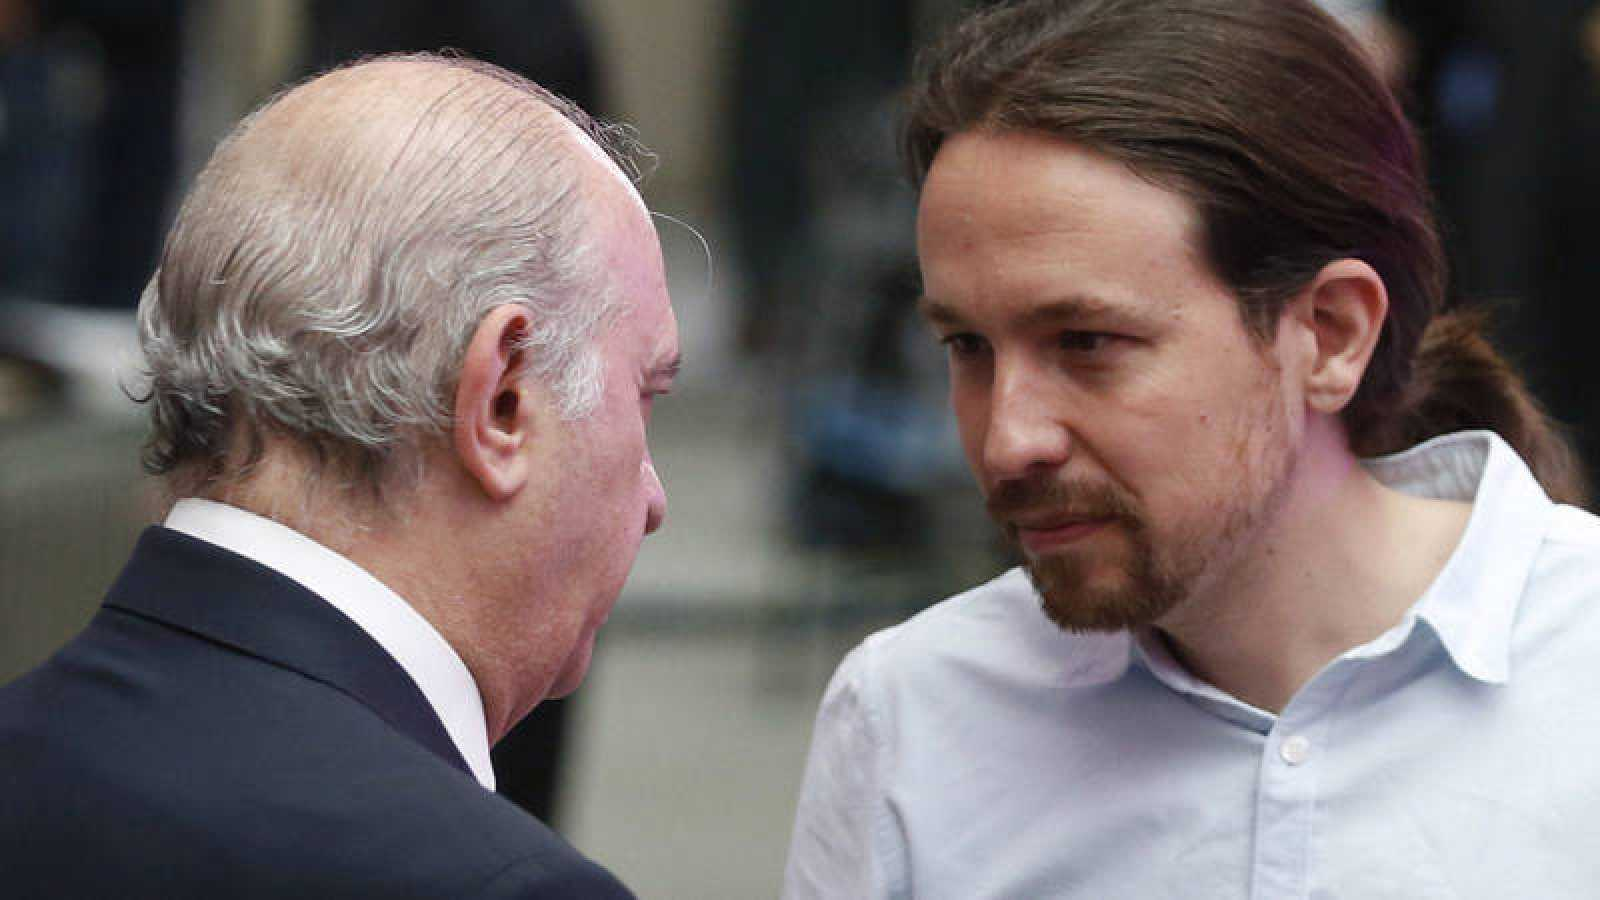 El líder de Podemos, Pablo Iglesias, conversa con el exministro de Interior Jorge Fernández Díaz